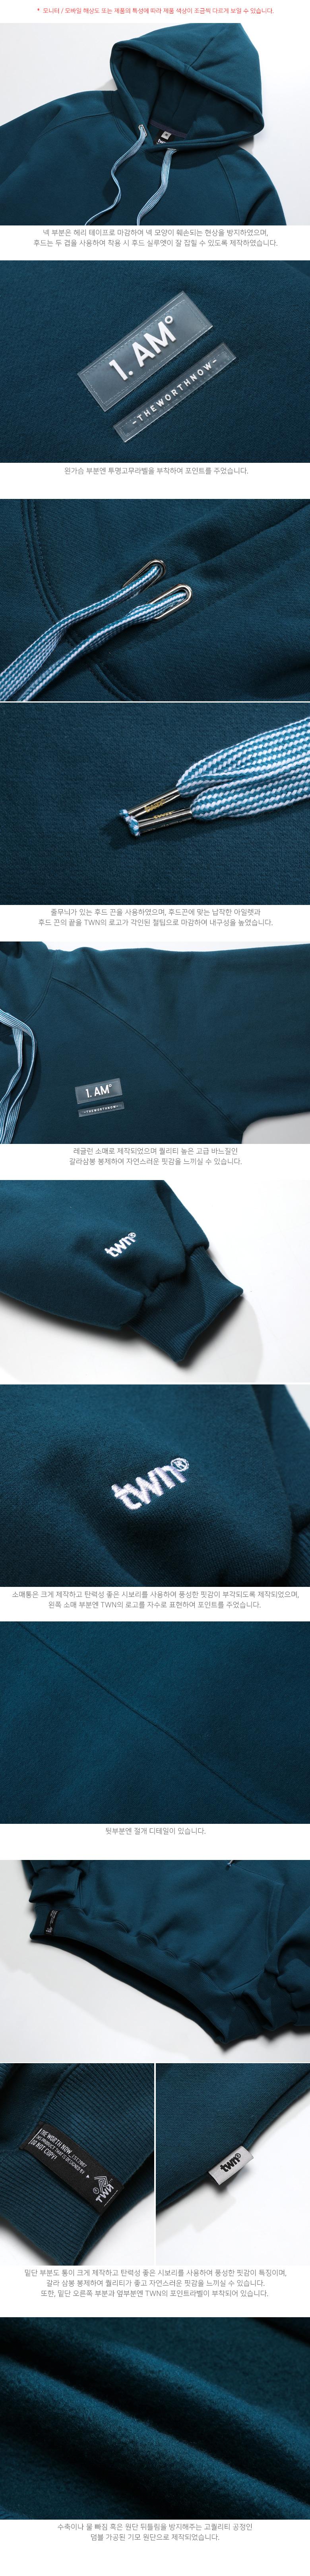 티떠블유엔(TWN) 아이엠벌룬핏 후드 청록 YMHD3237